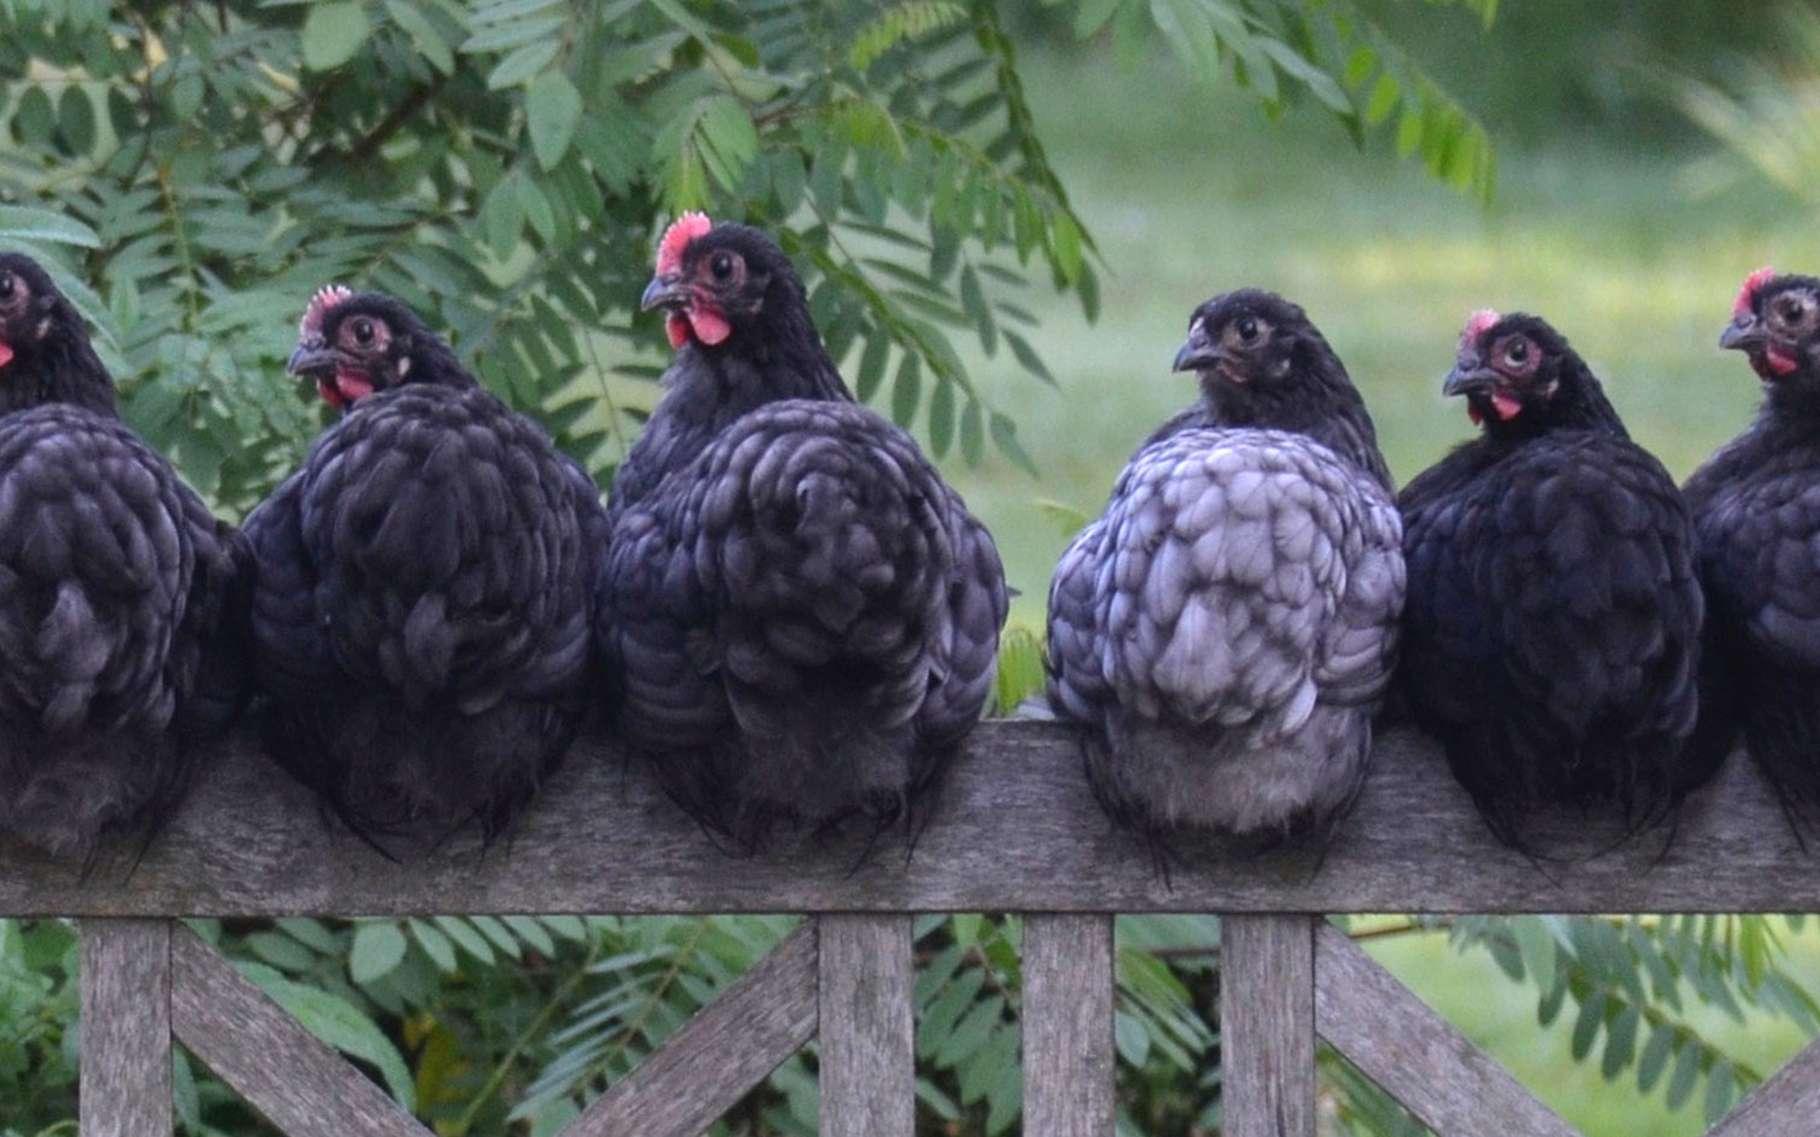 Les poules du jardin. © Wilmapolinder, Pixabay, DP